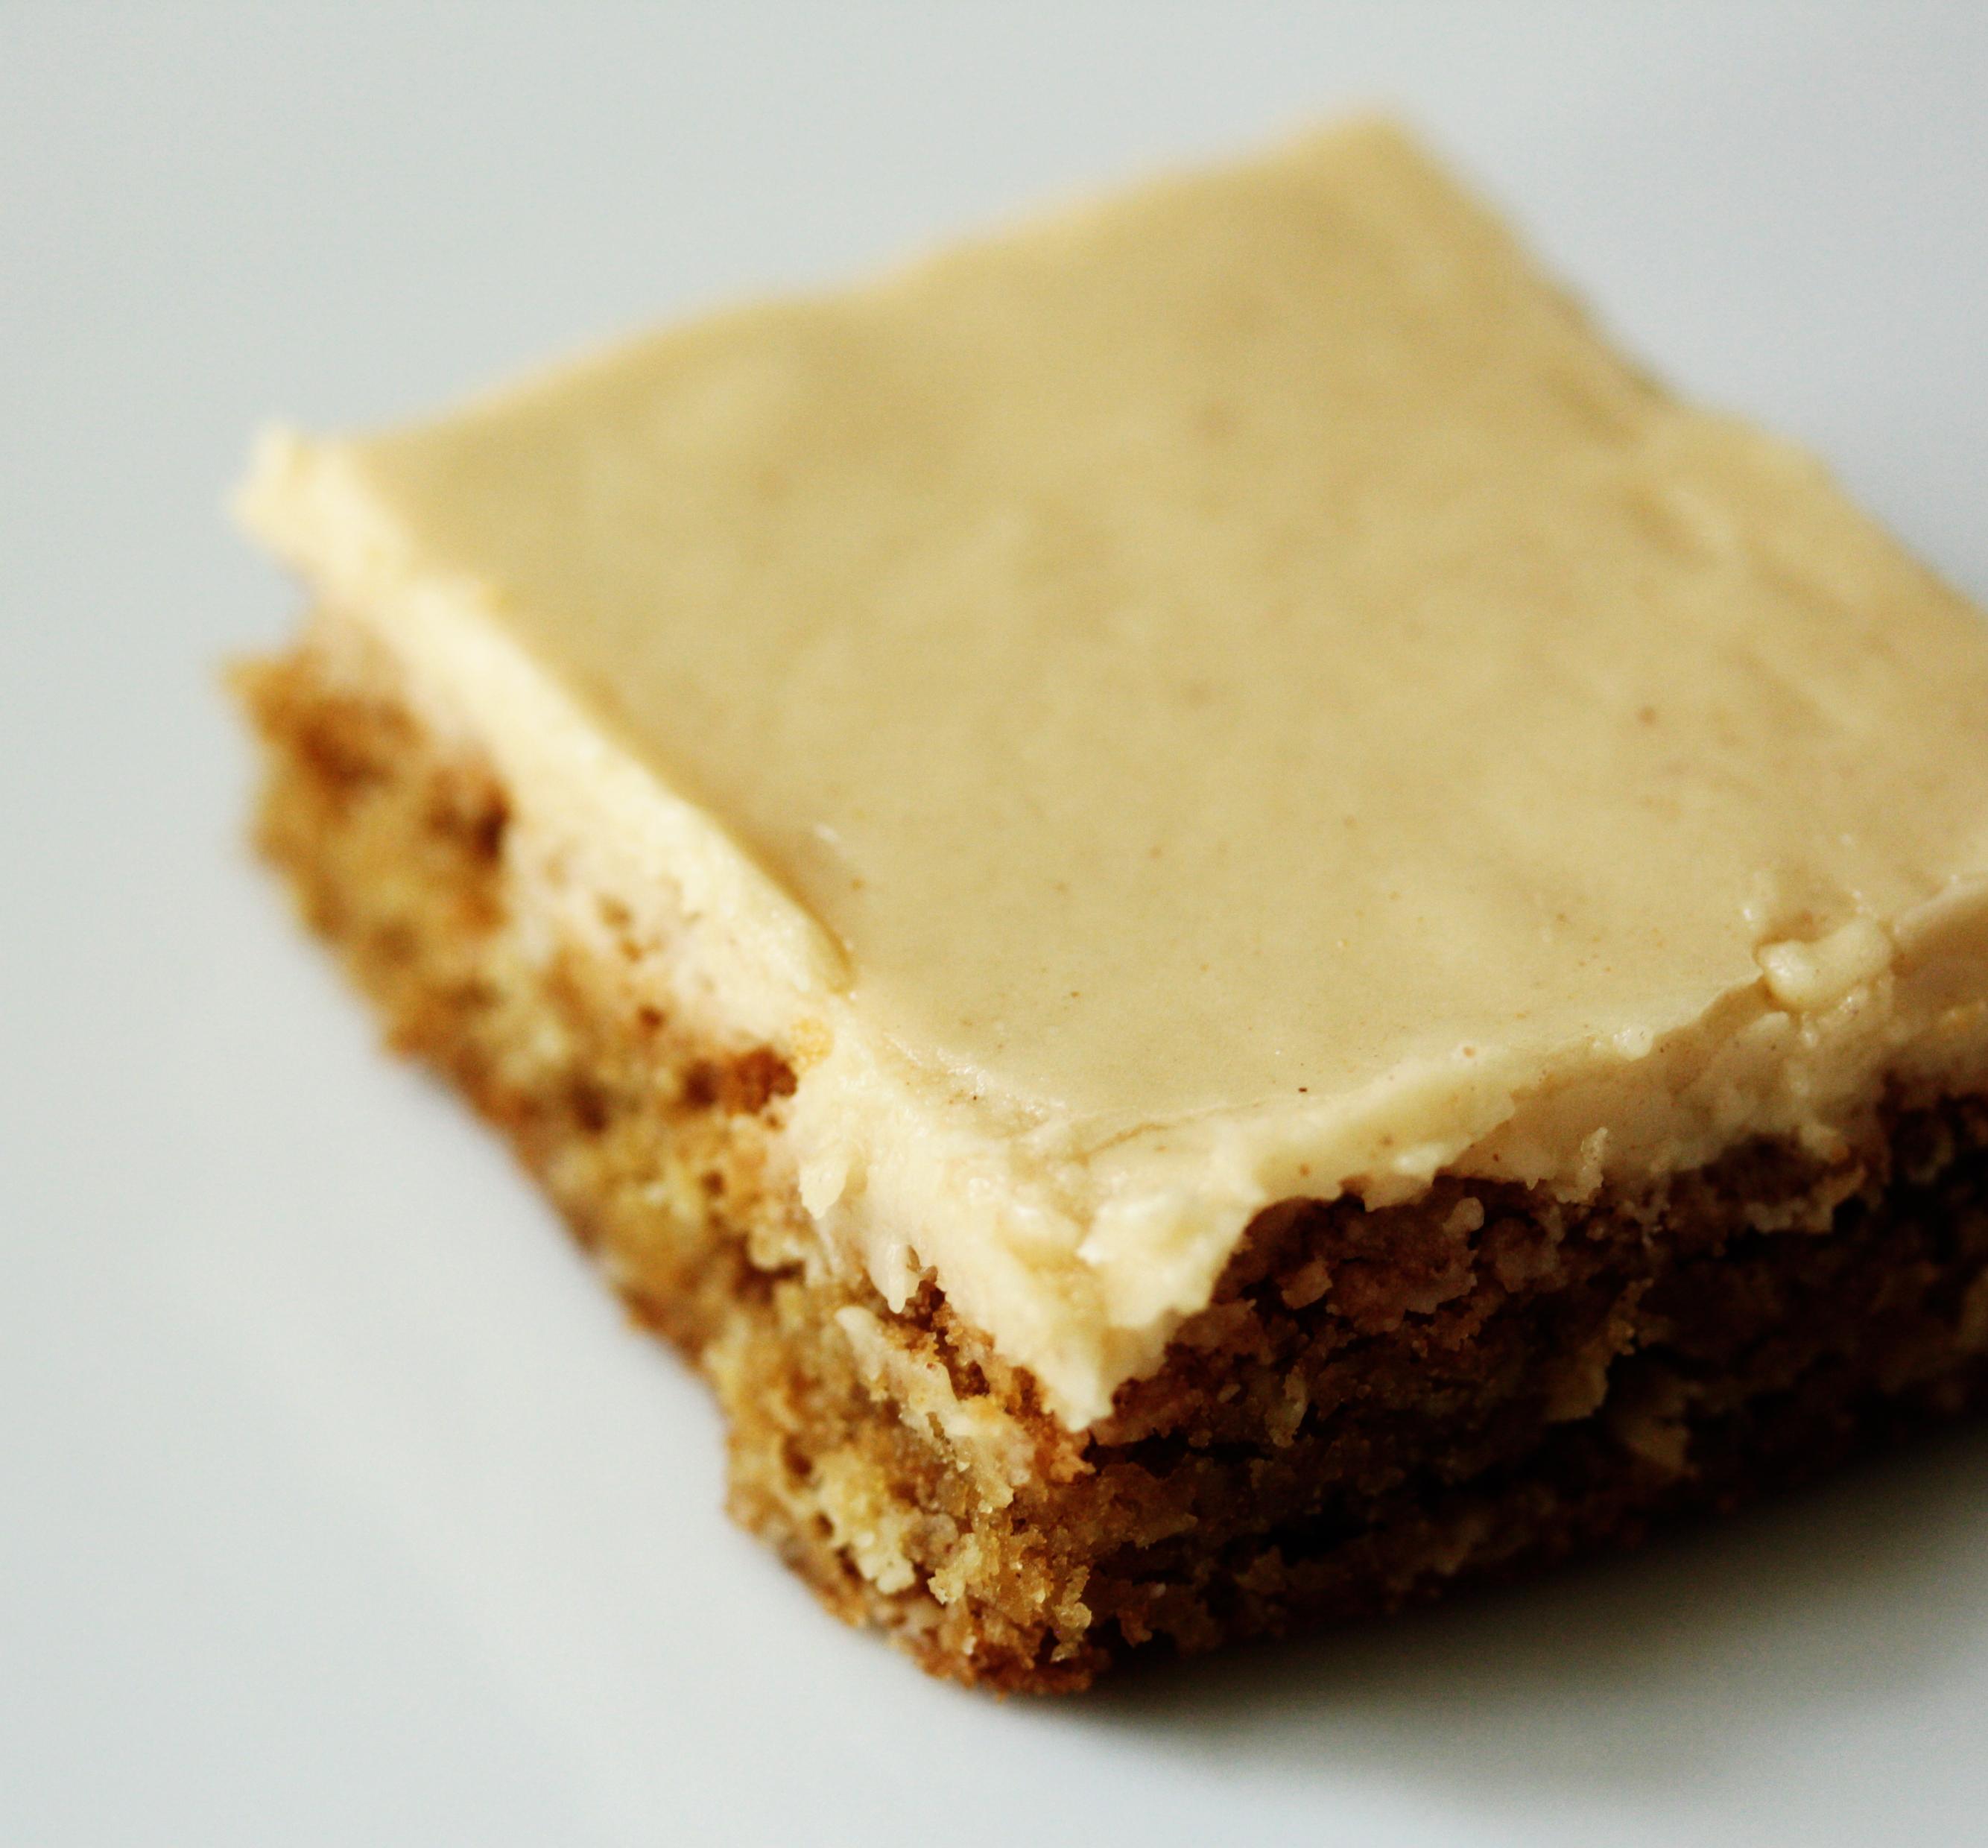 06-10 peanut butter bar